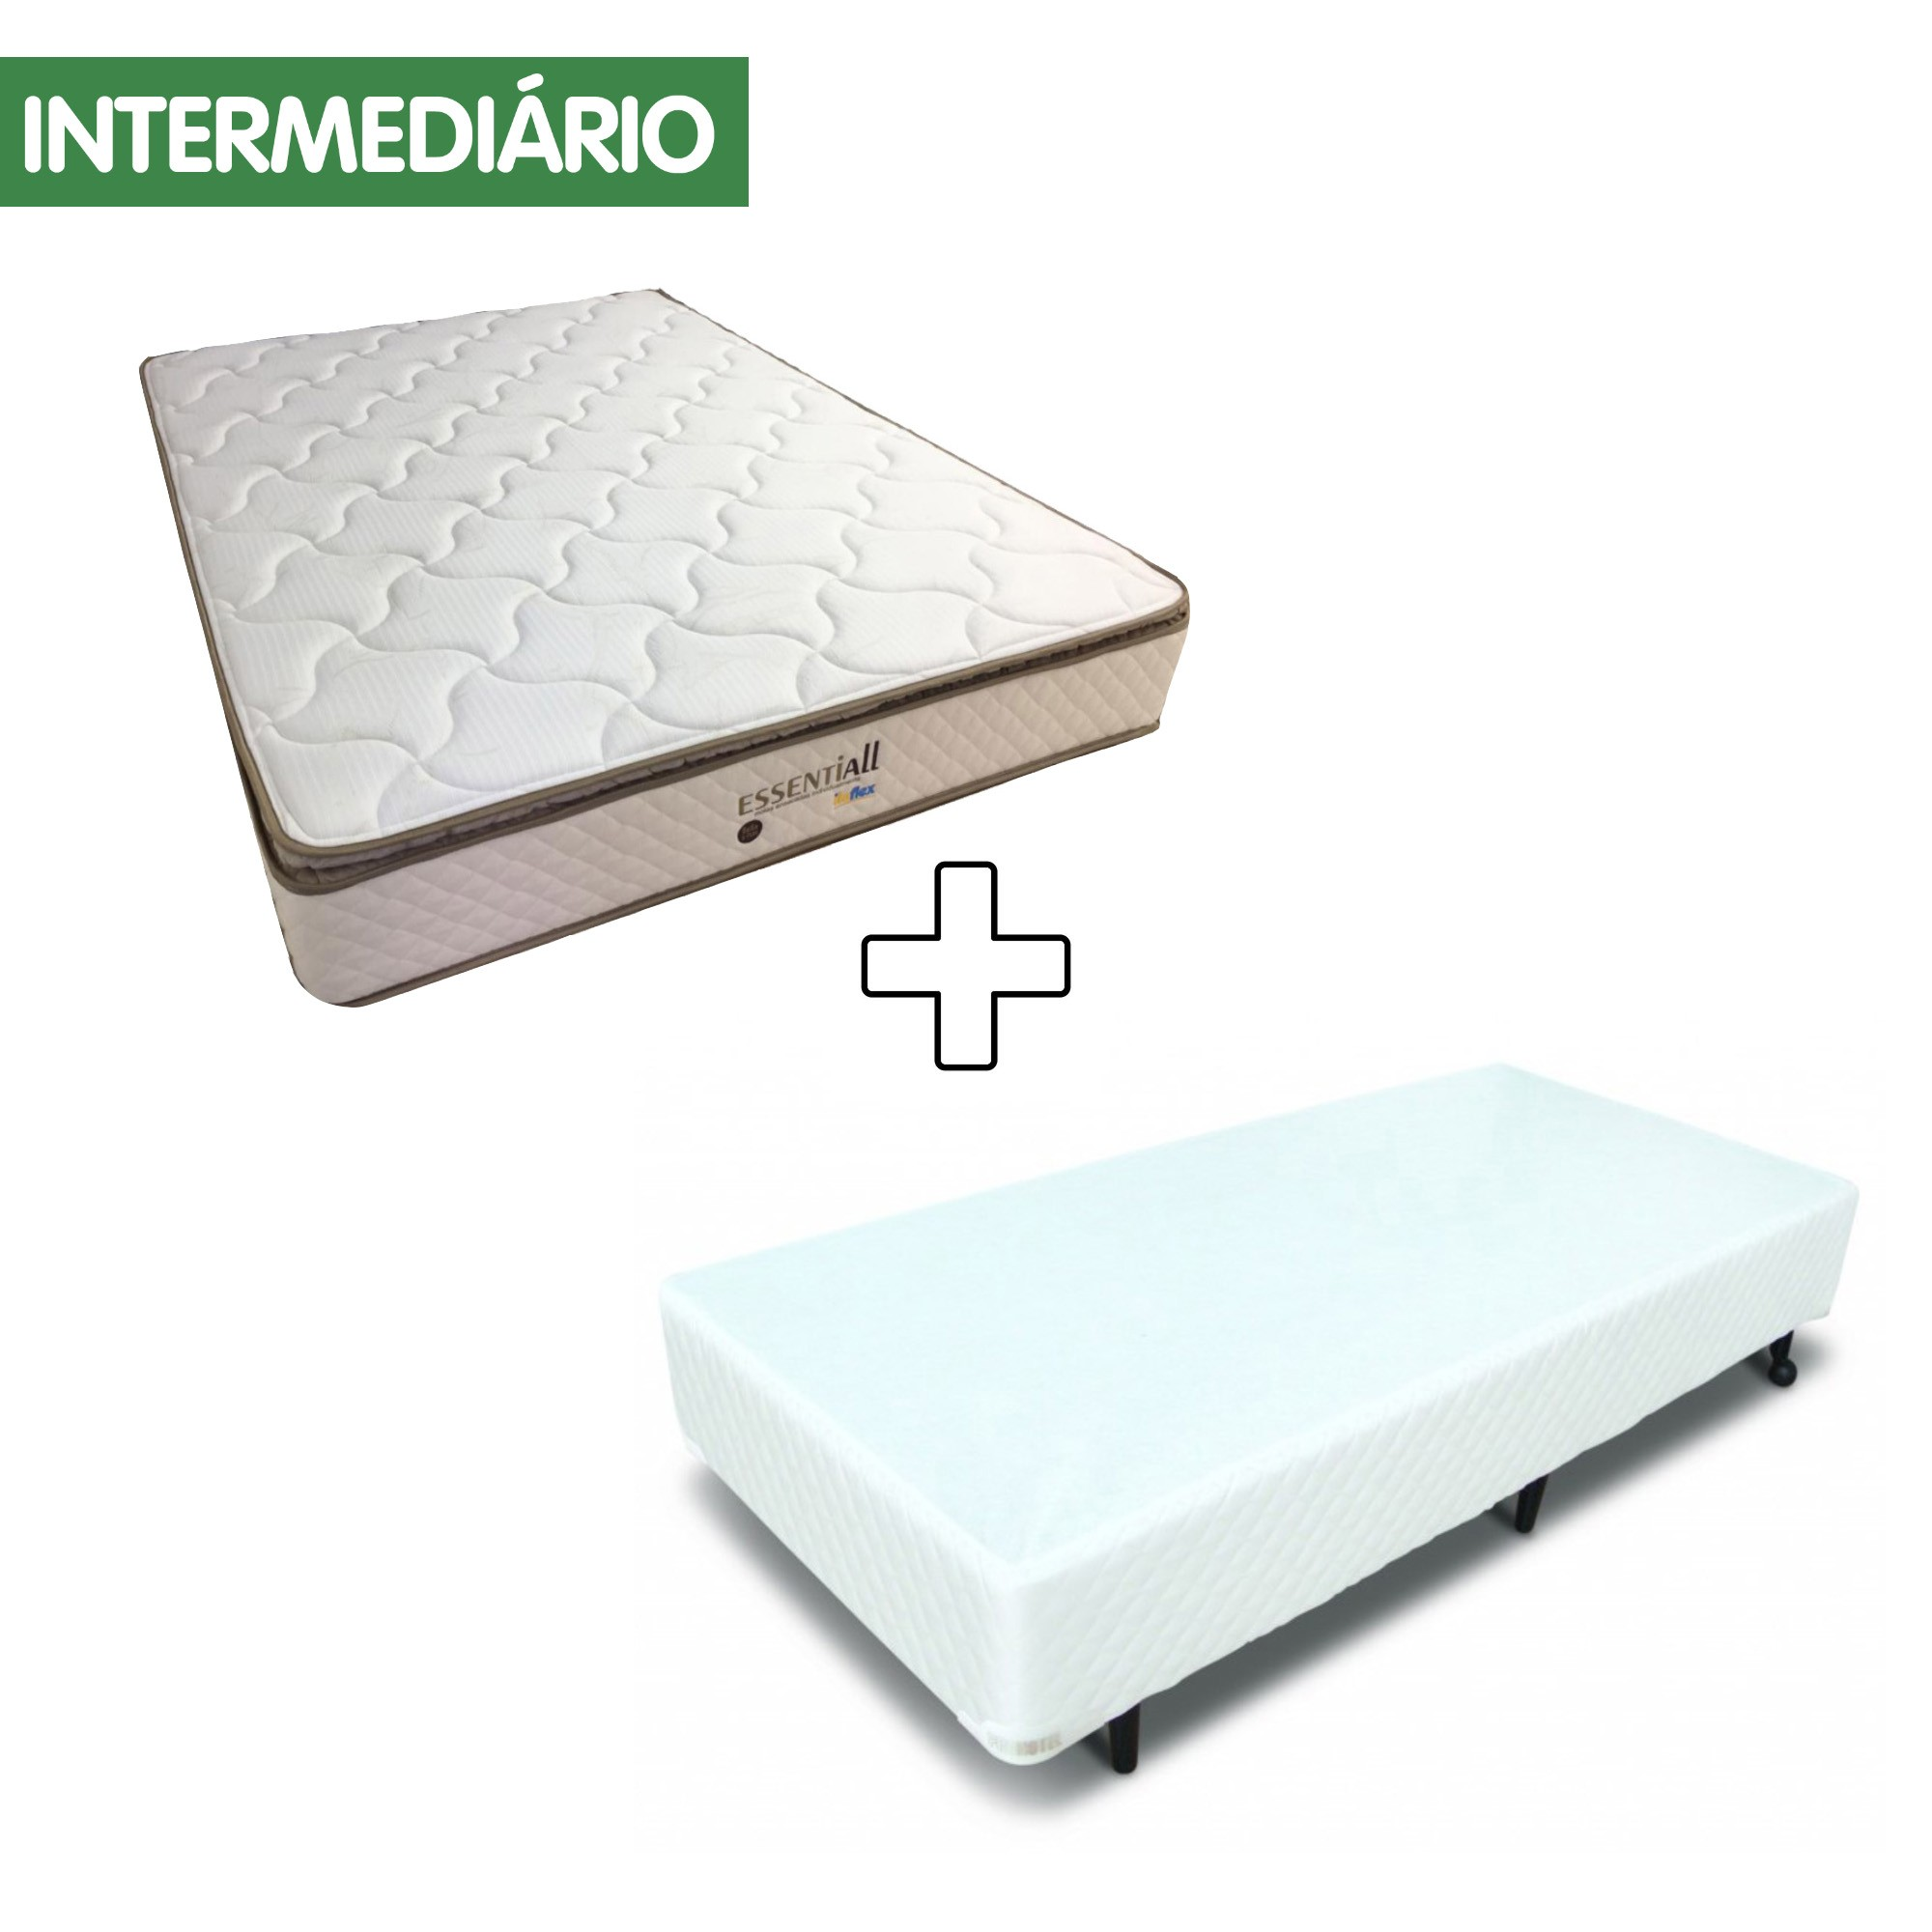 Conjunto Box MGA Itaflex Essentiall [Solteiro 088 x 188 cm]